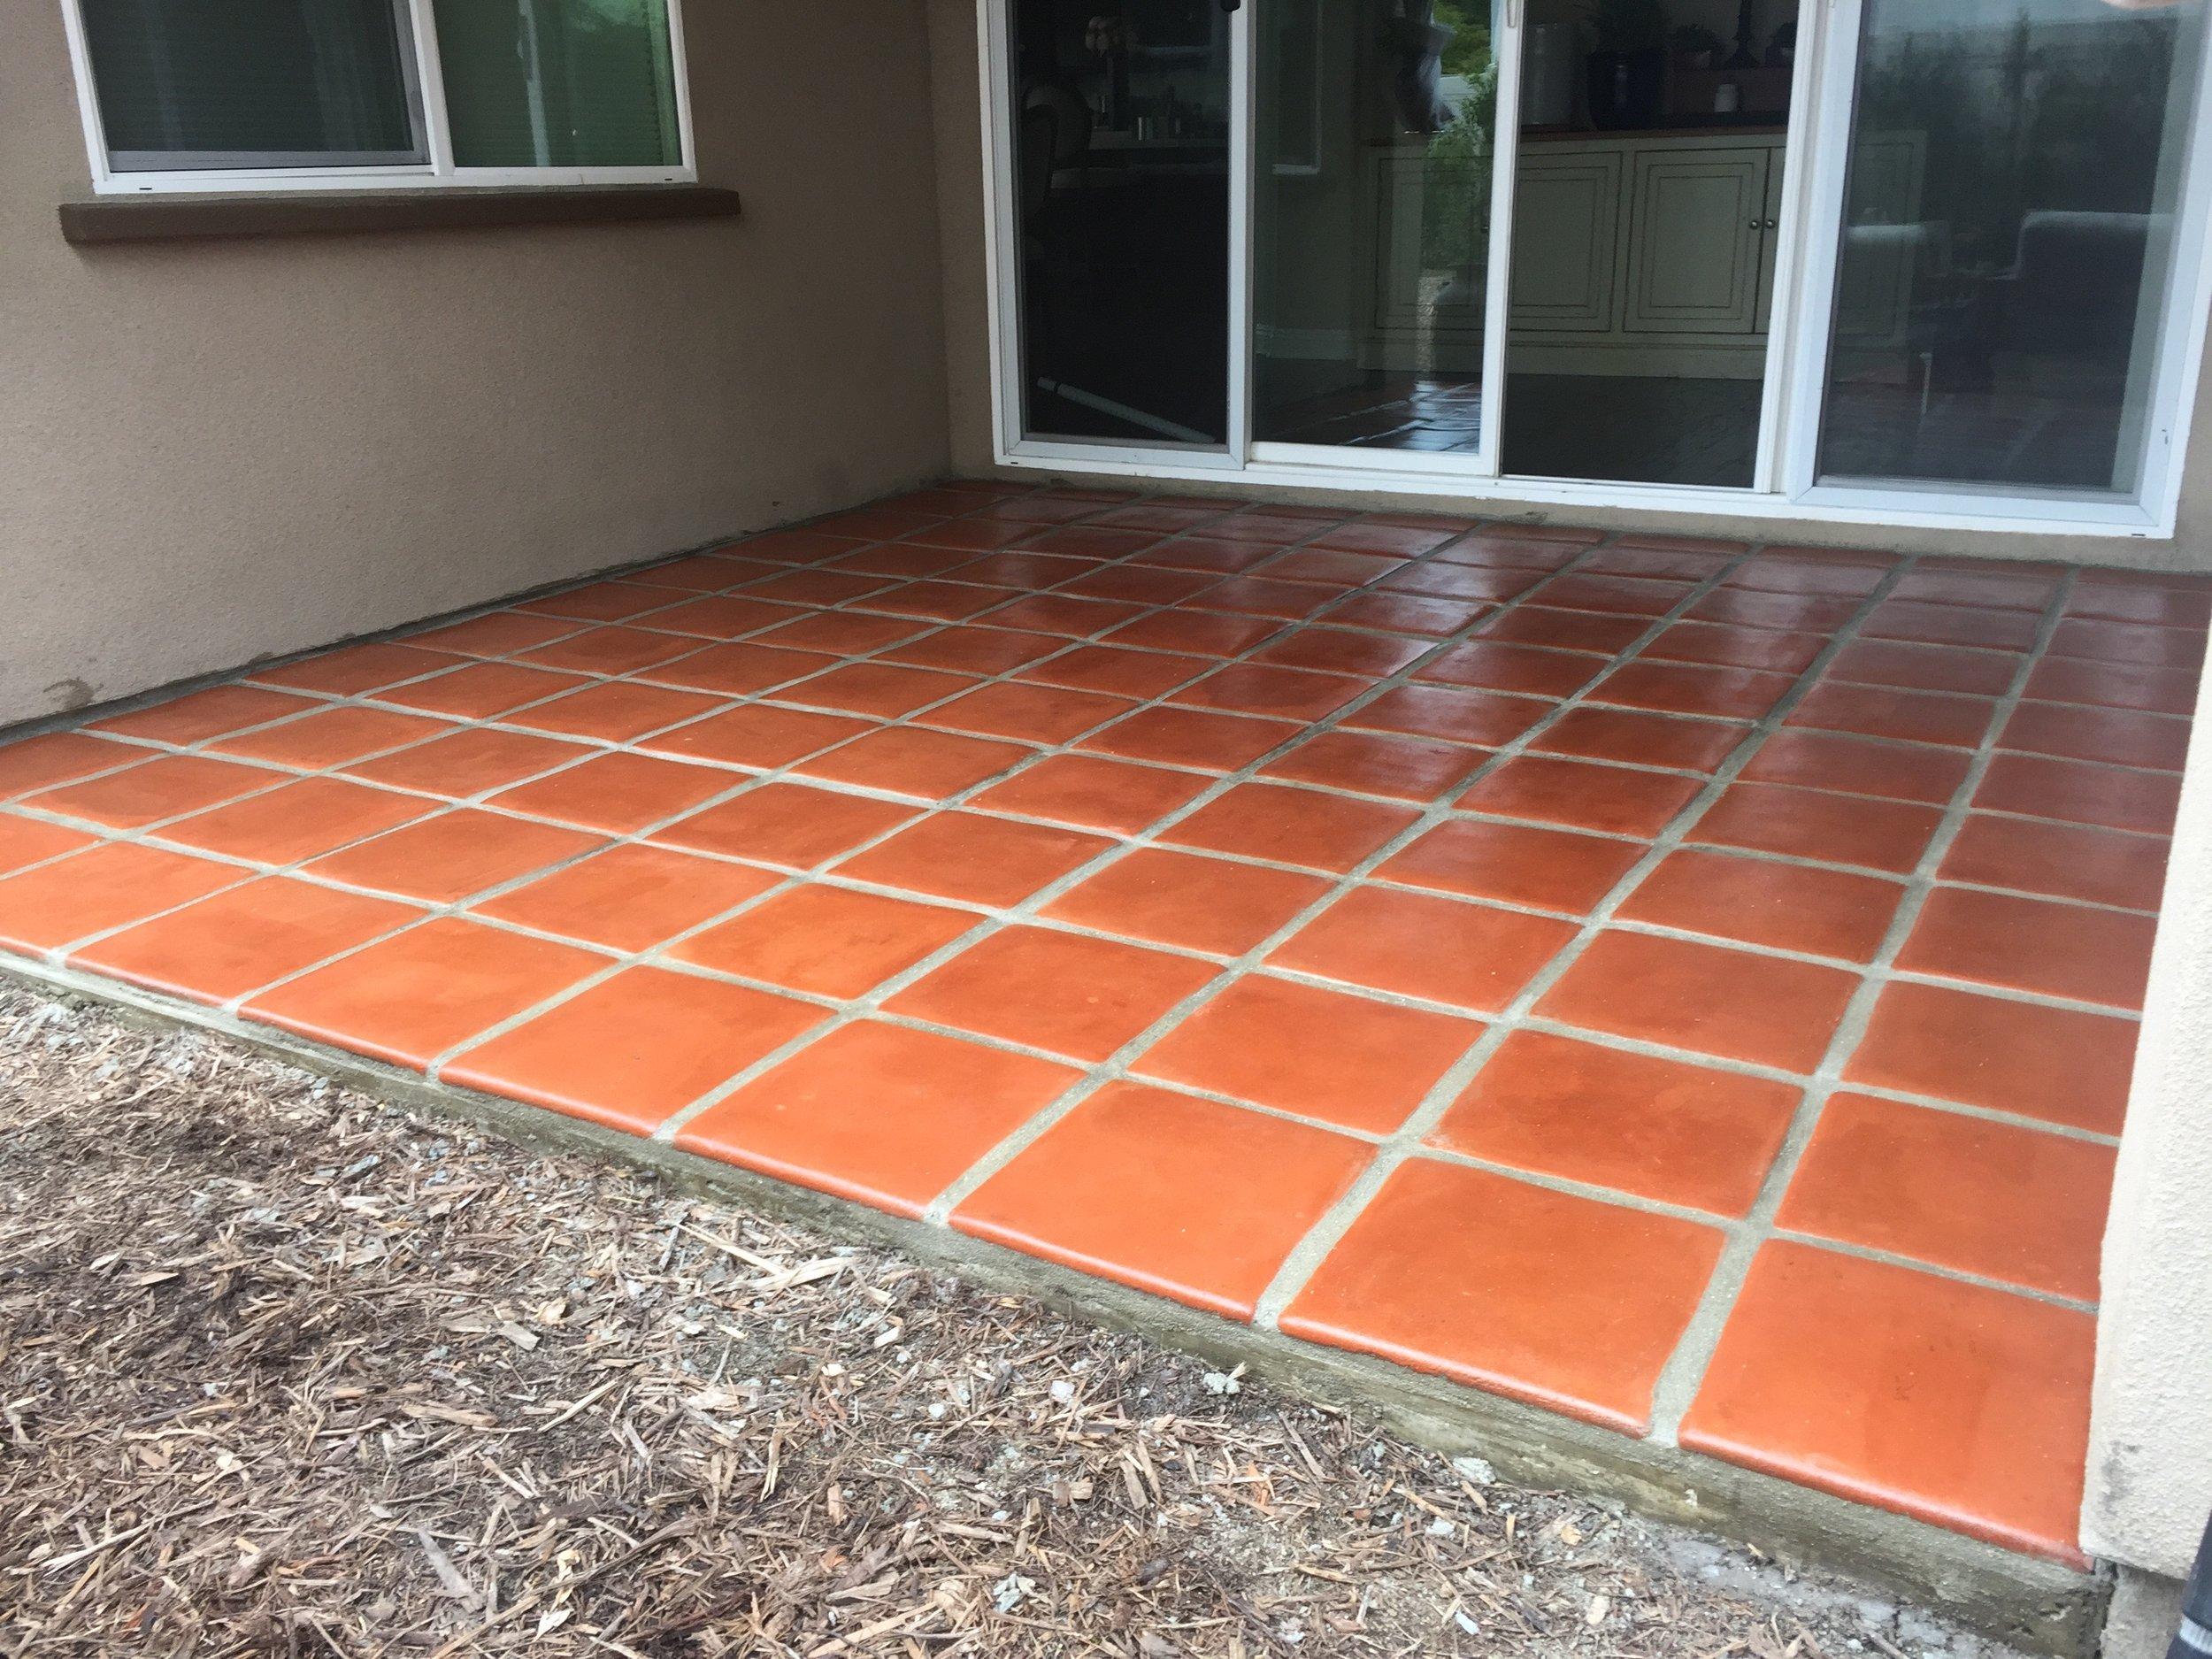 terra-cotta flooring tile install